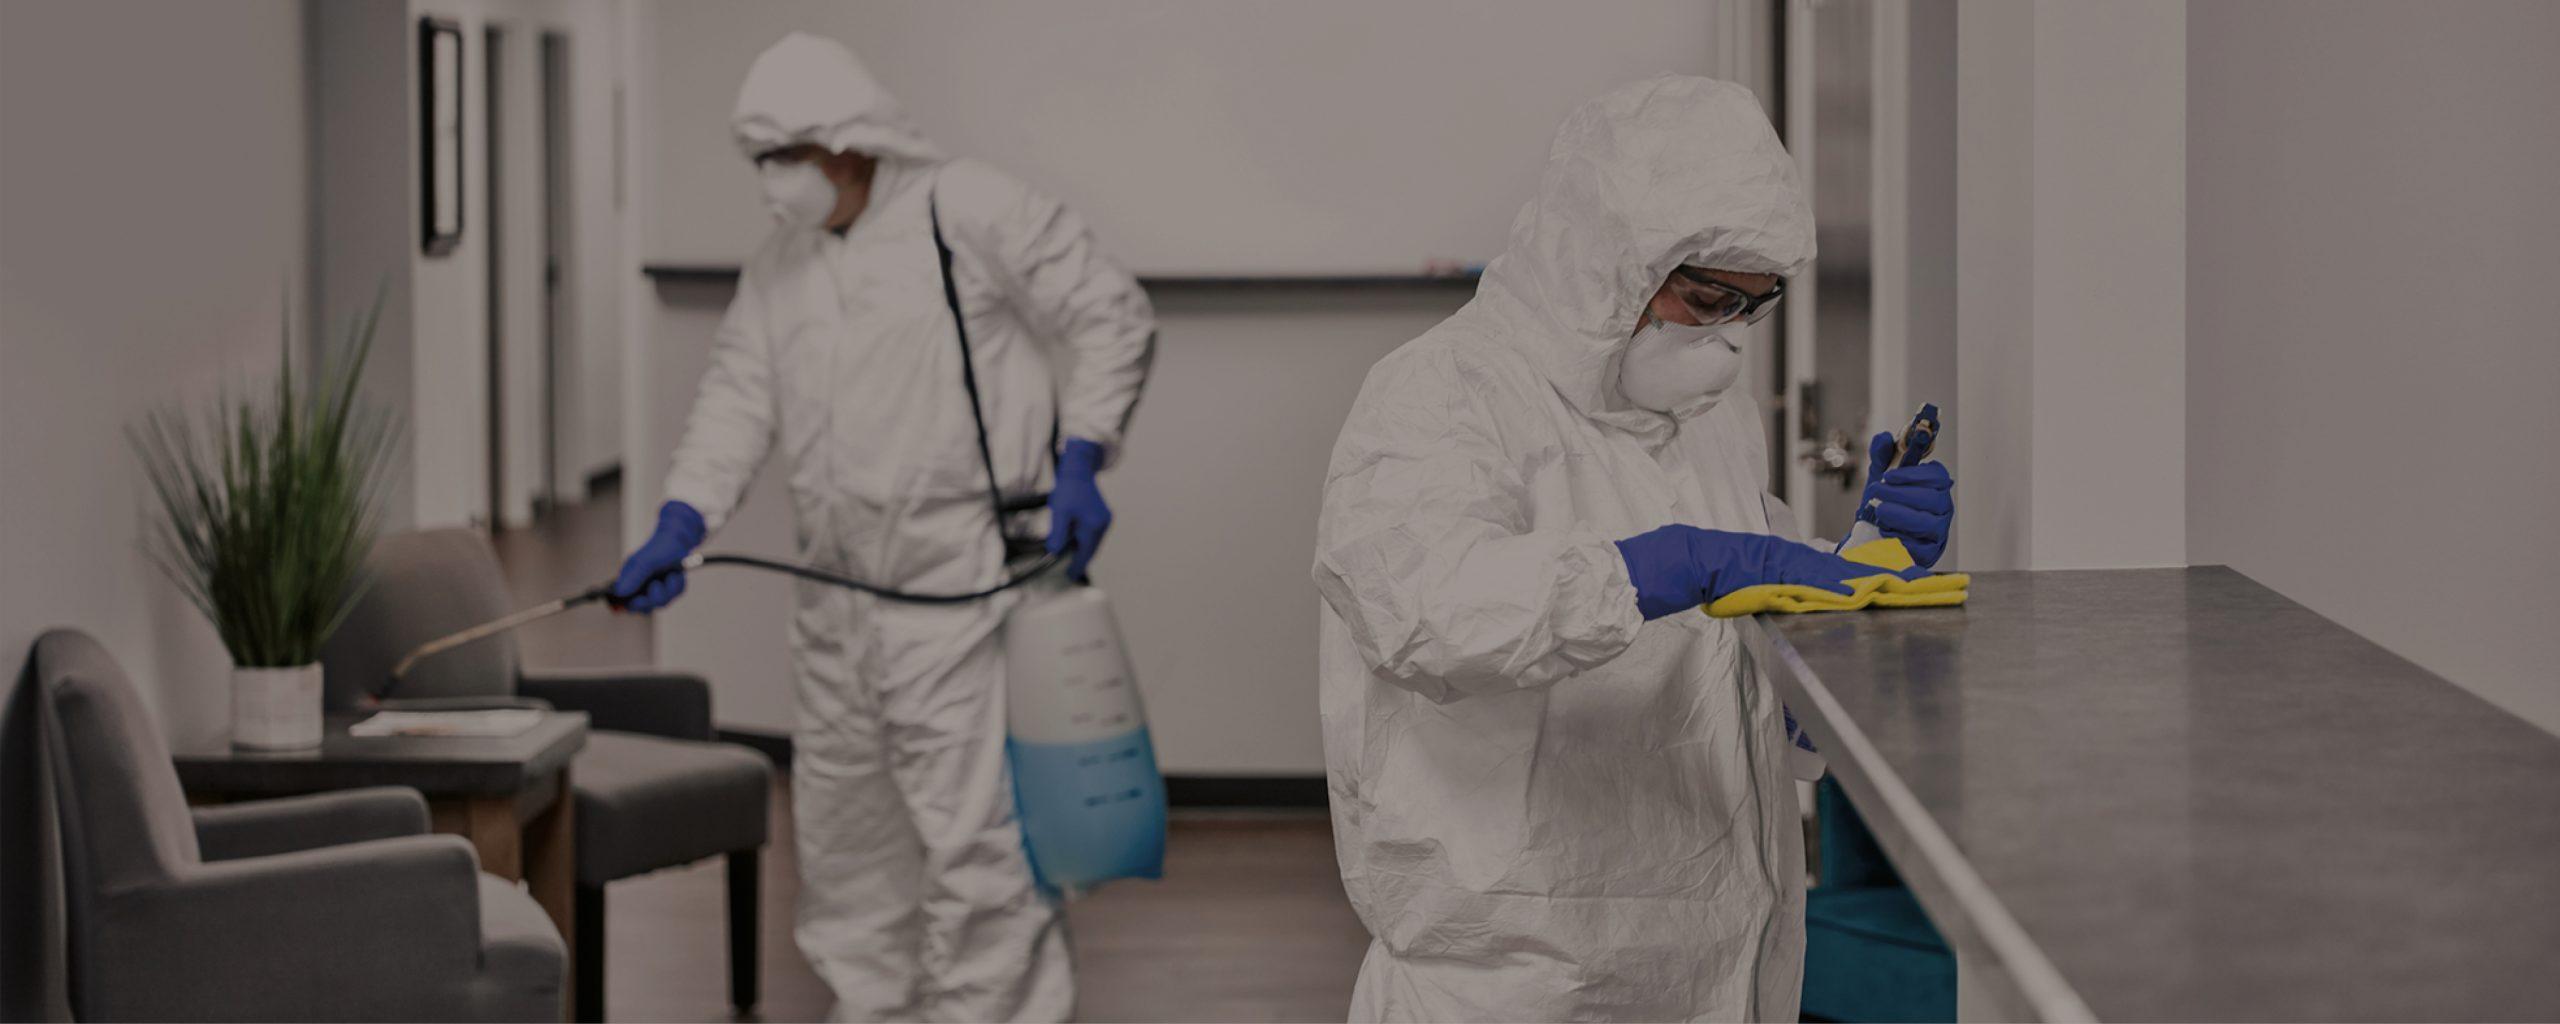 servicios desinfecciones coronavirus Zaragoza